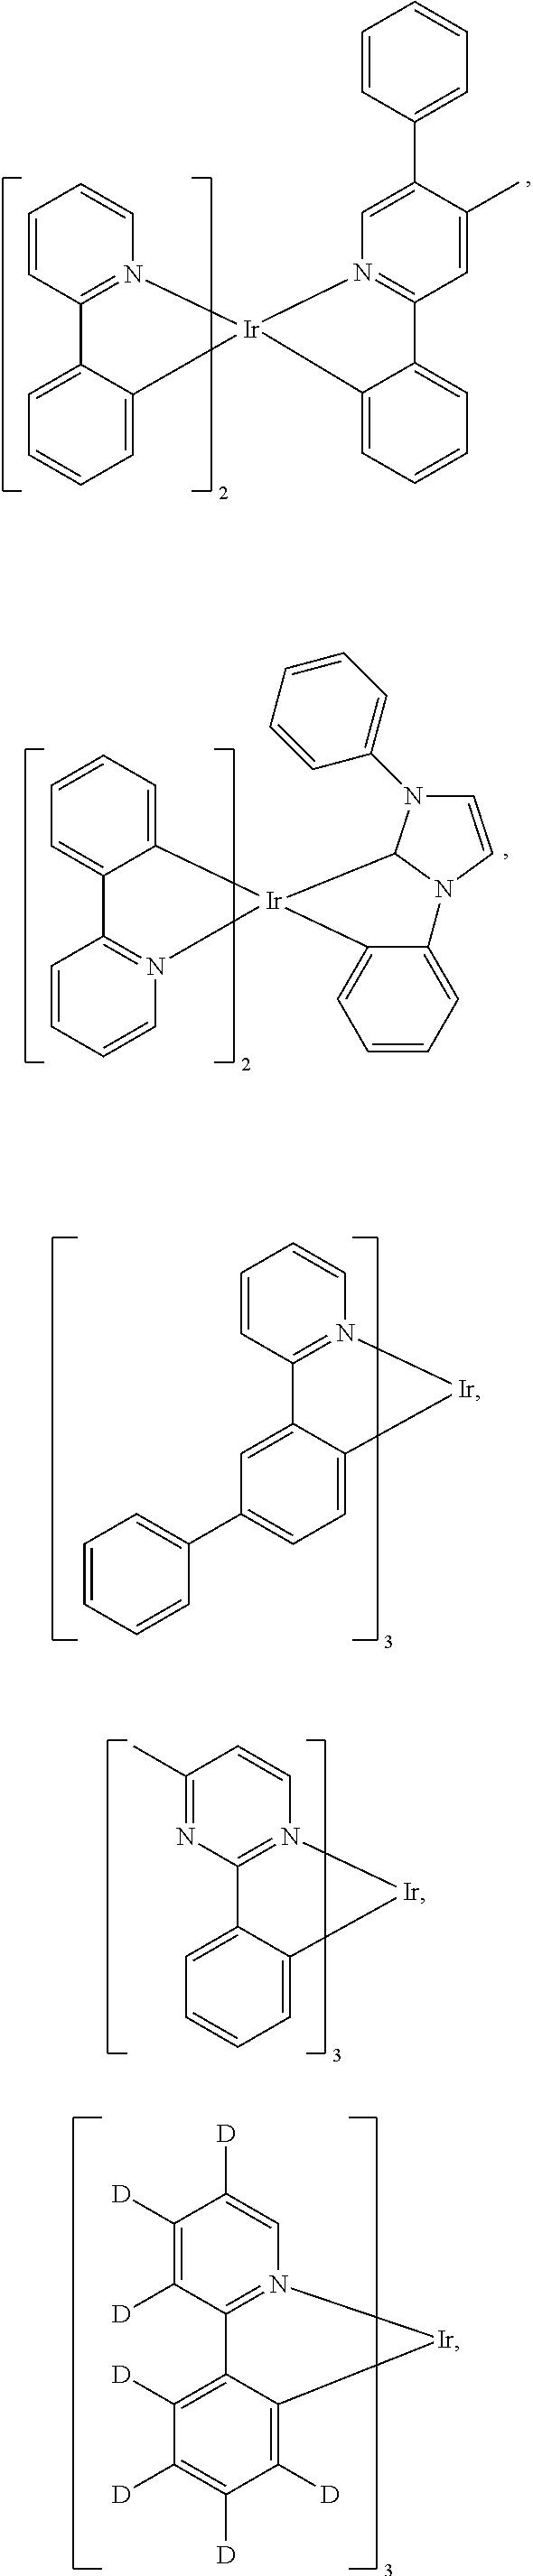 Figure US09859510-20180102-C00073